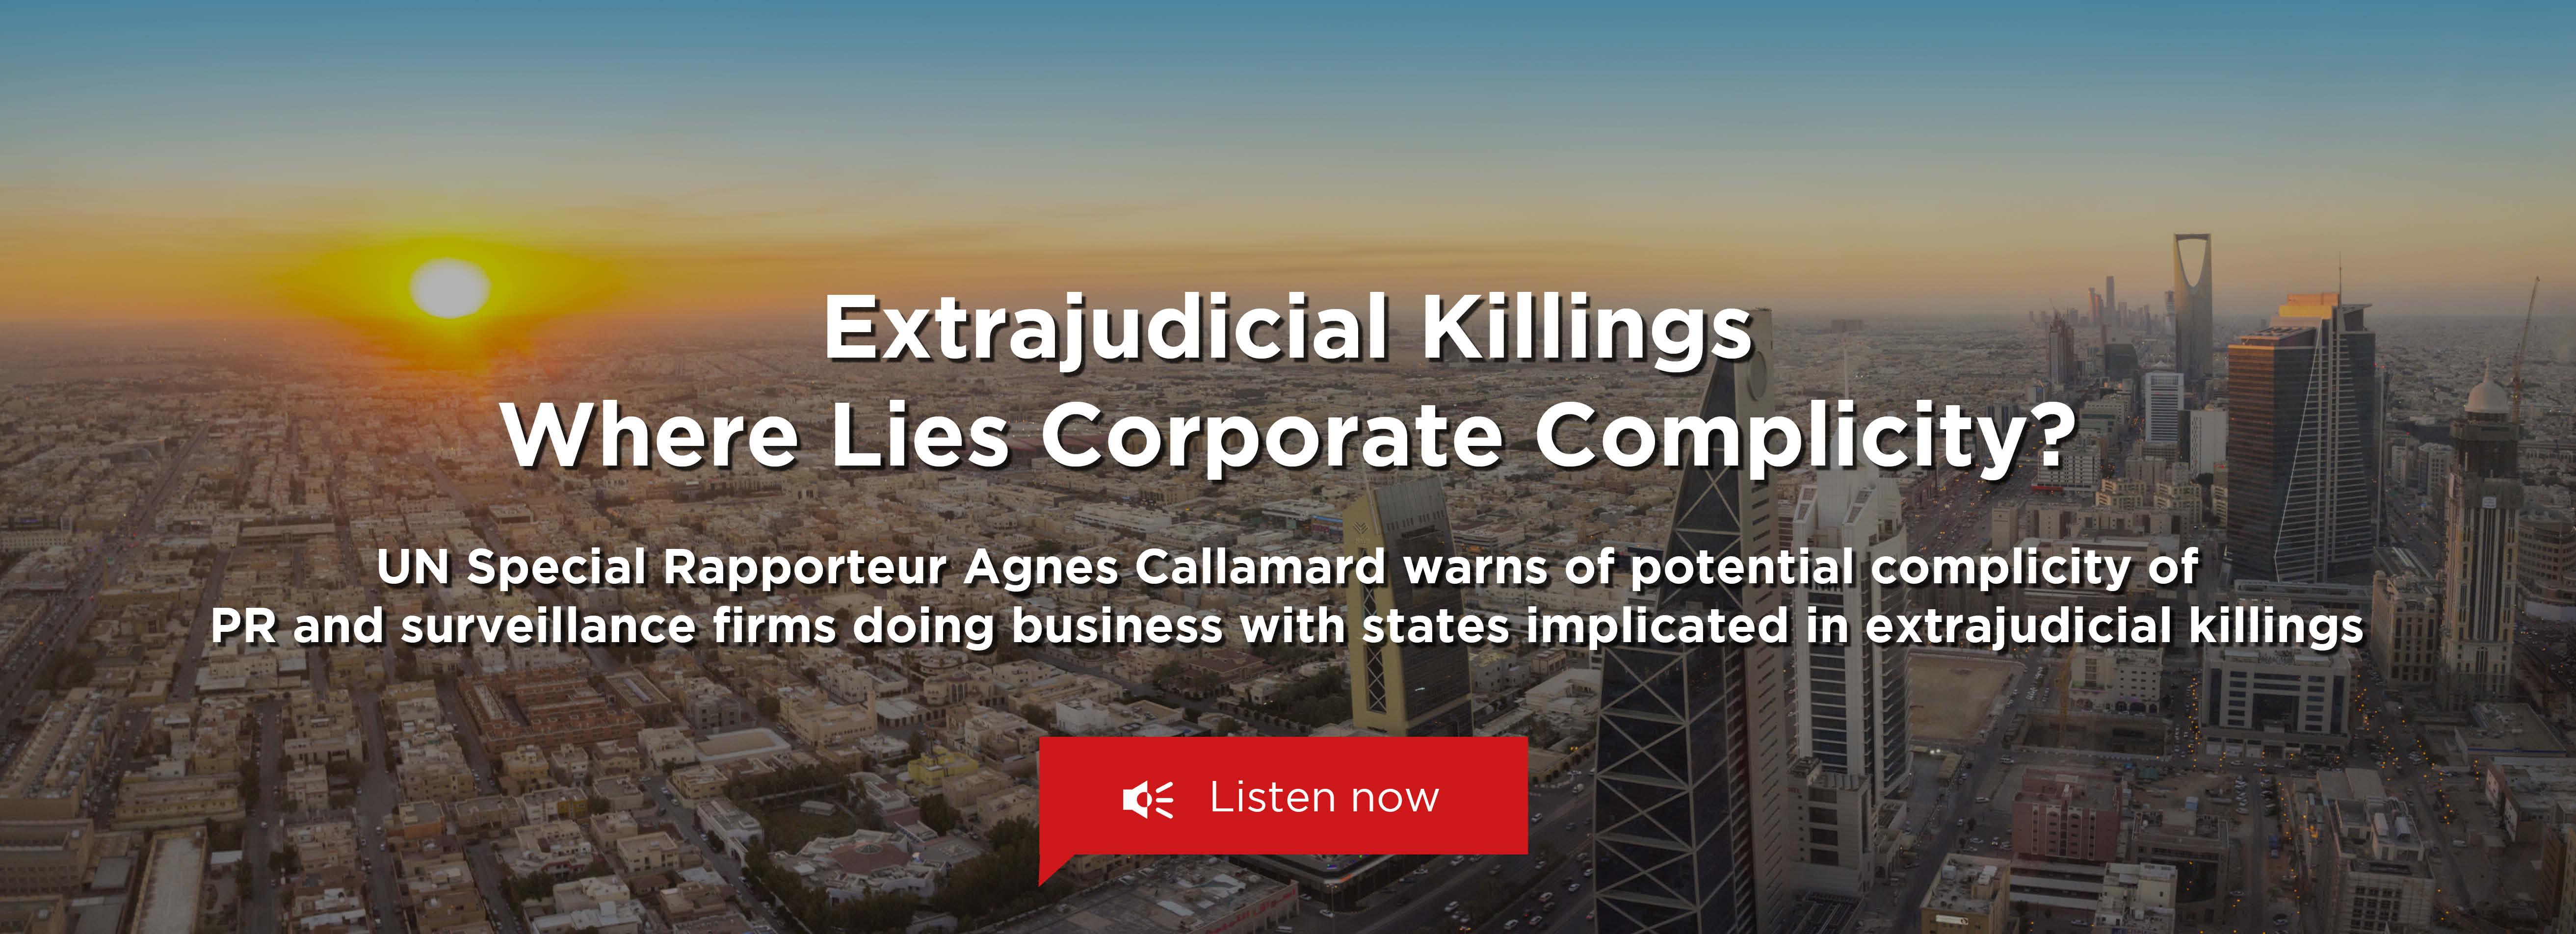 UN SR Extrajudicial Killings